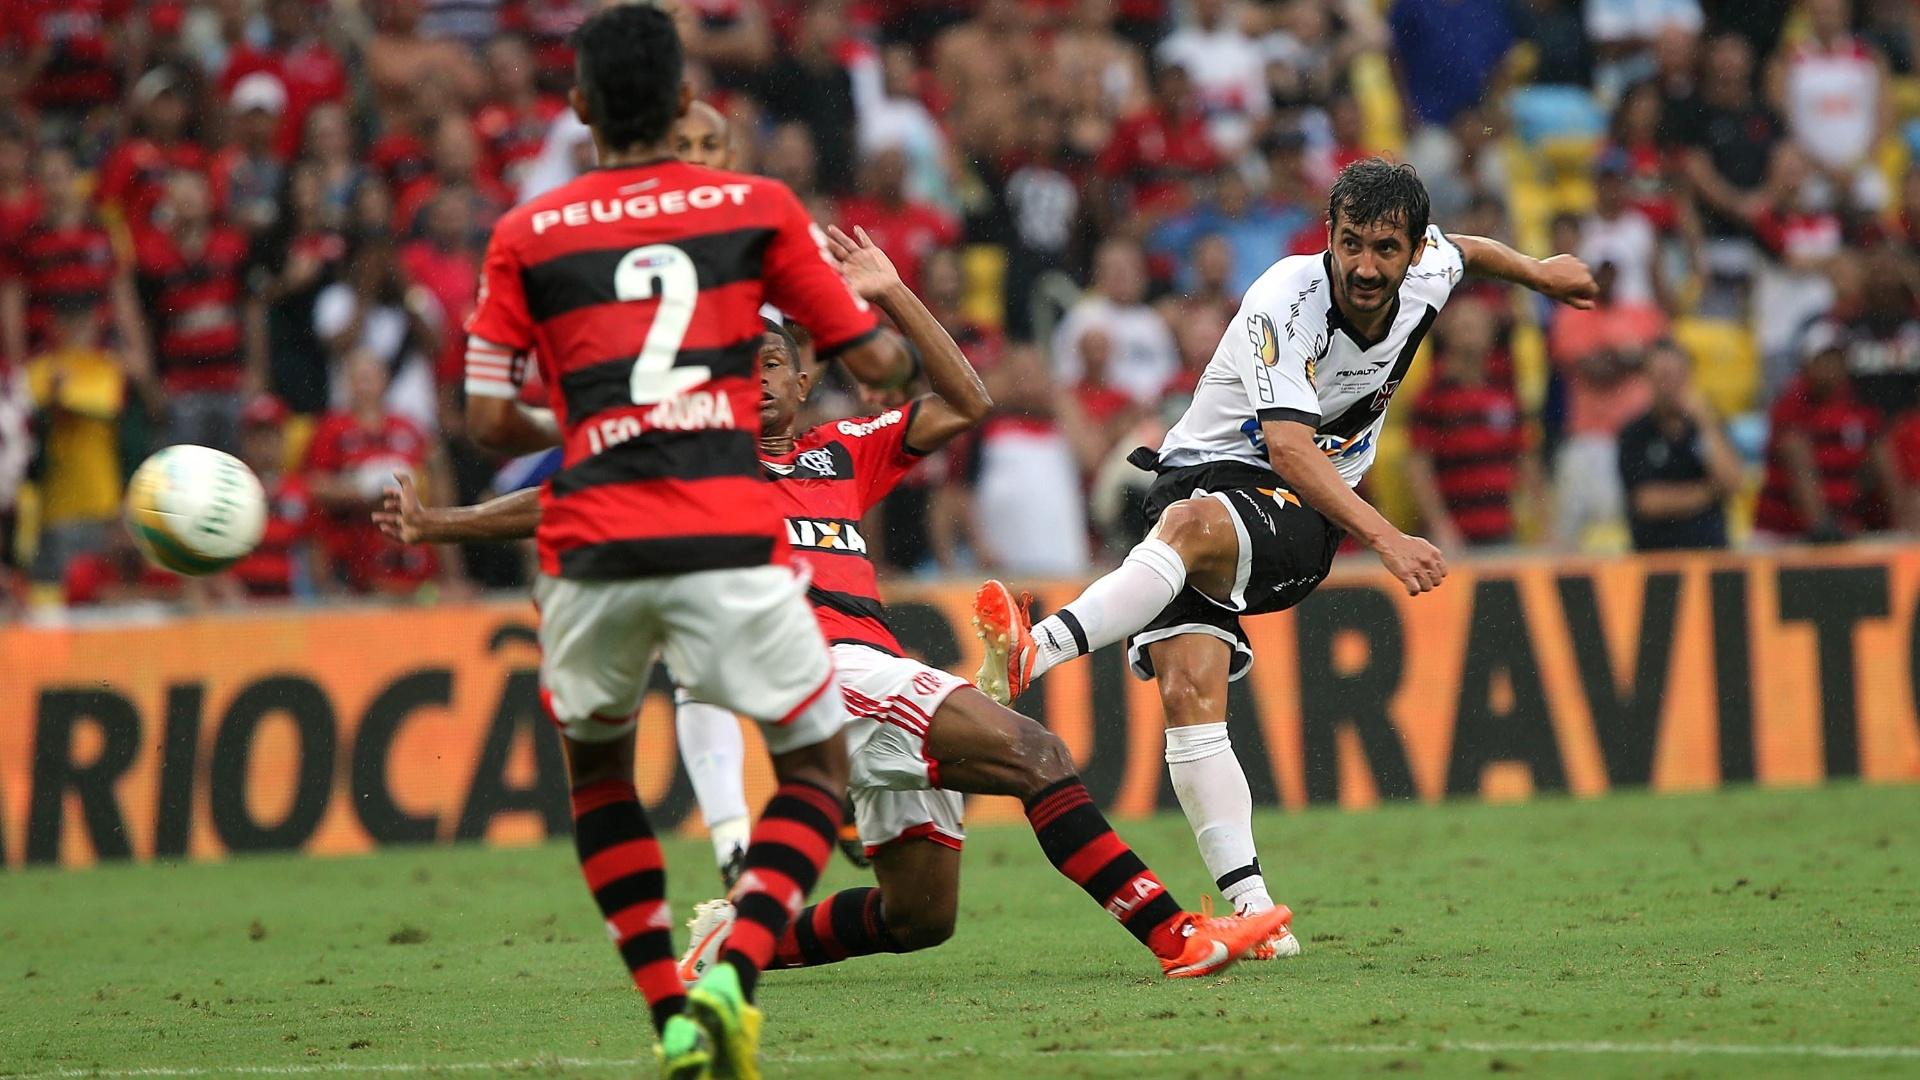 Meia Douglas tenta chute de fora da área na final do Carioca